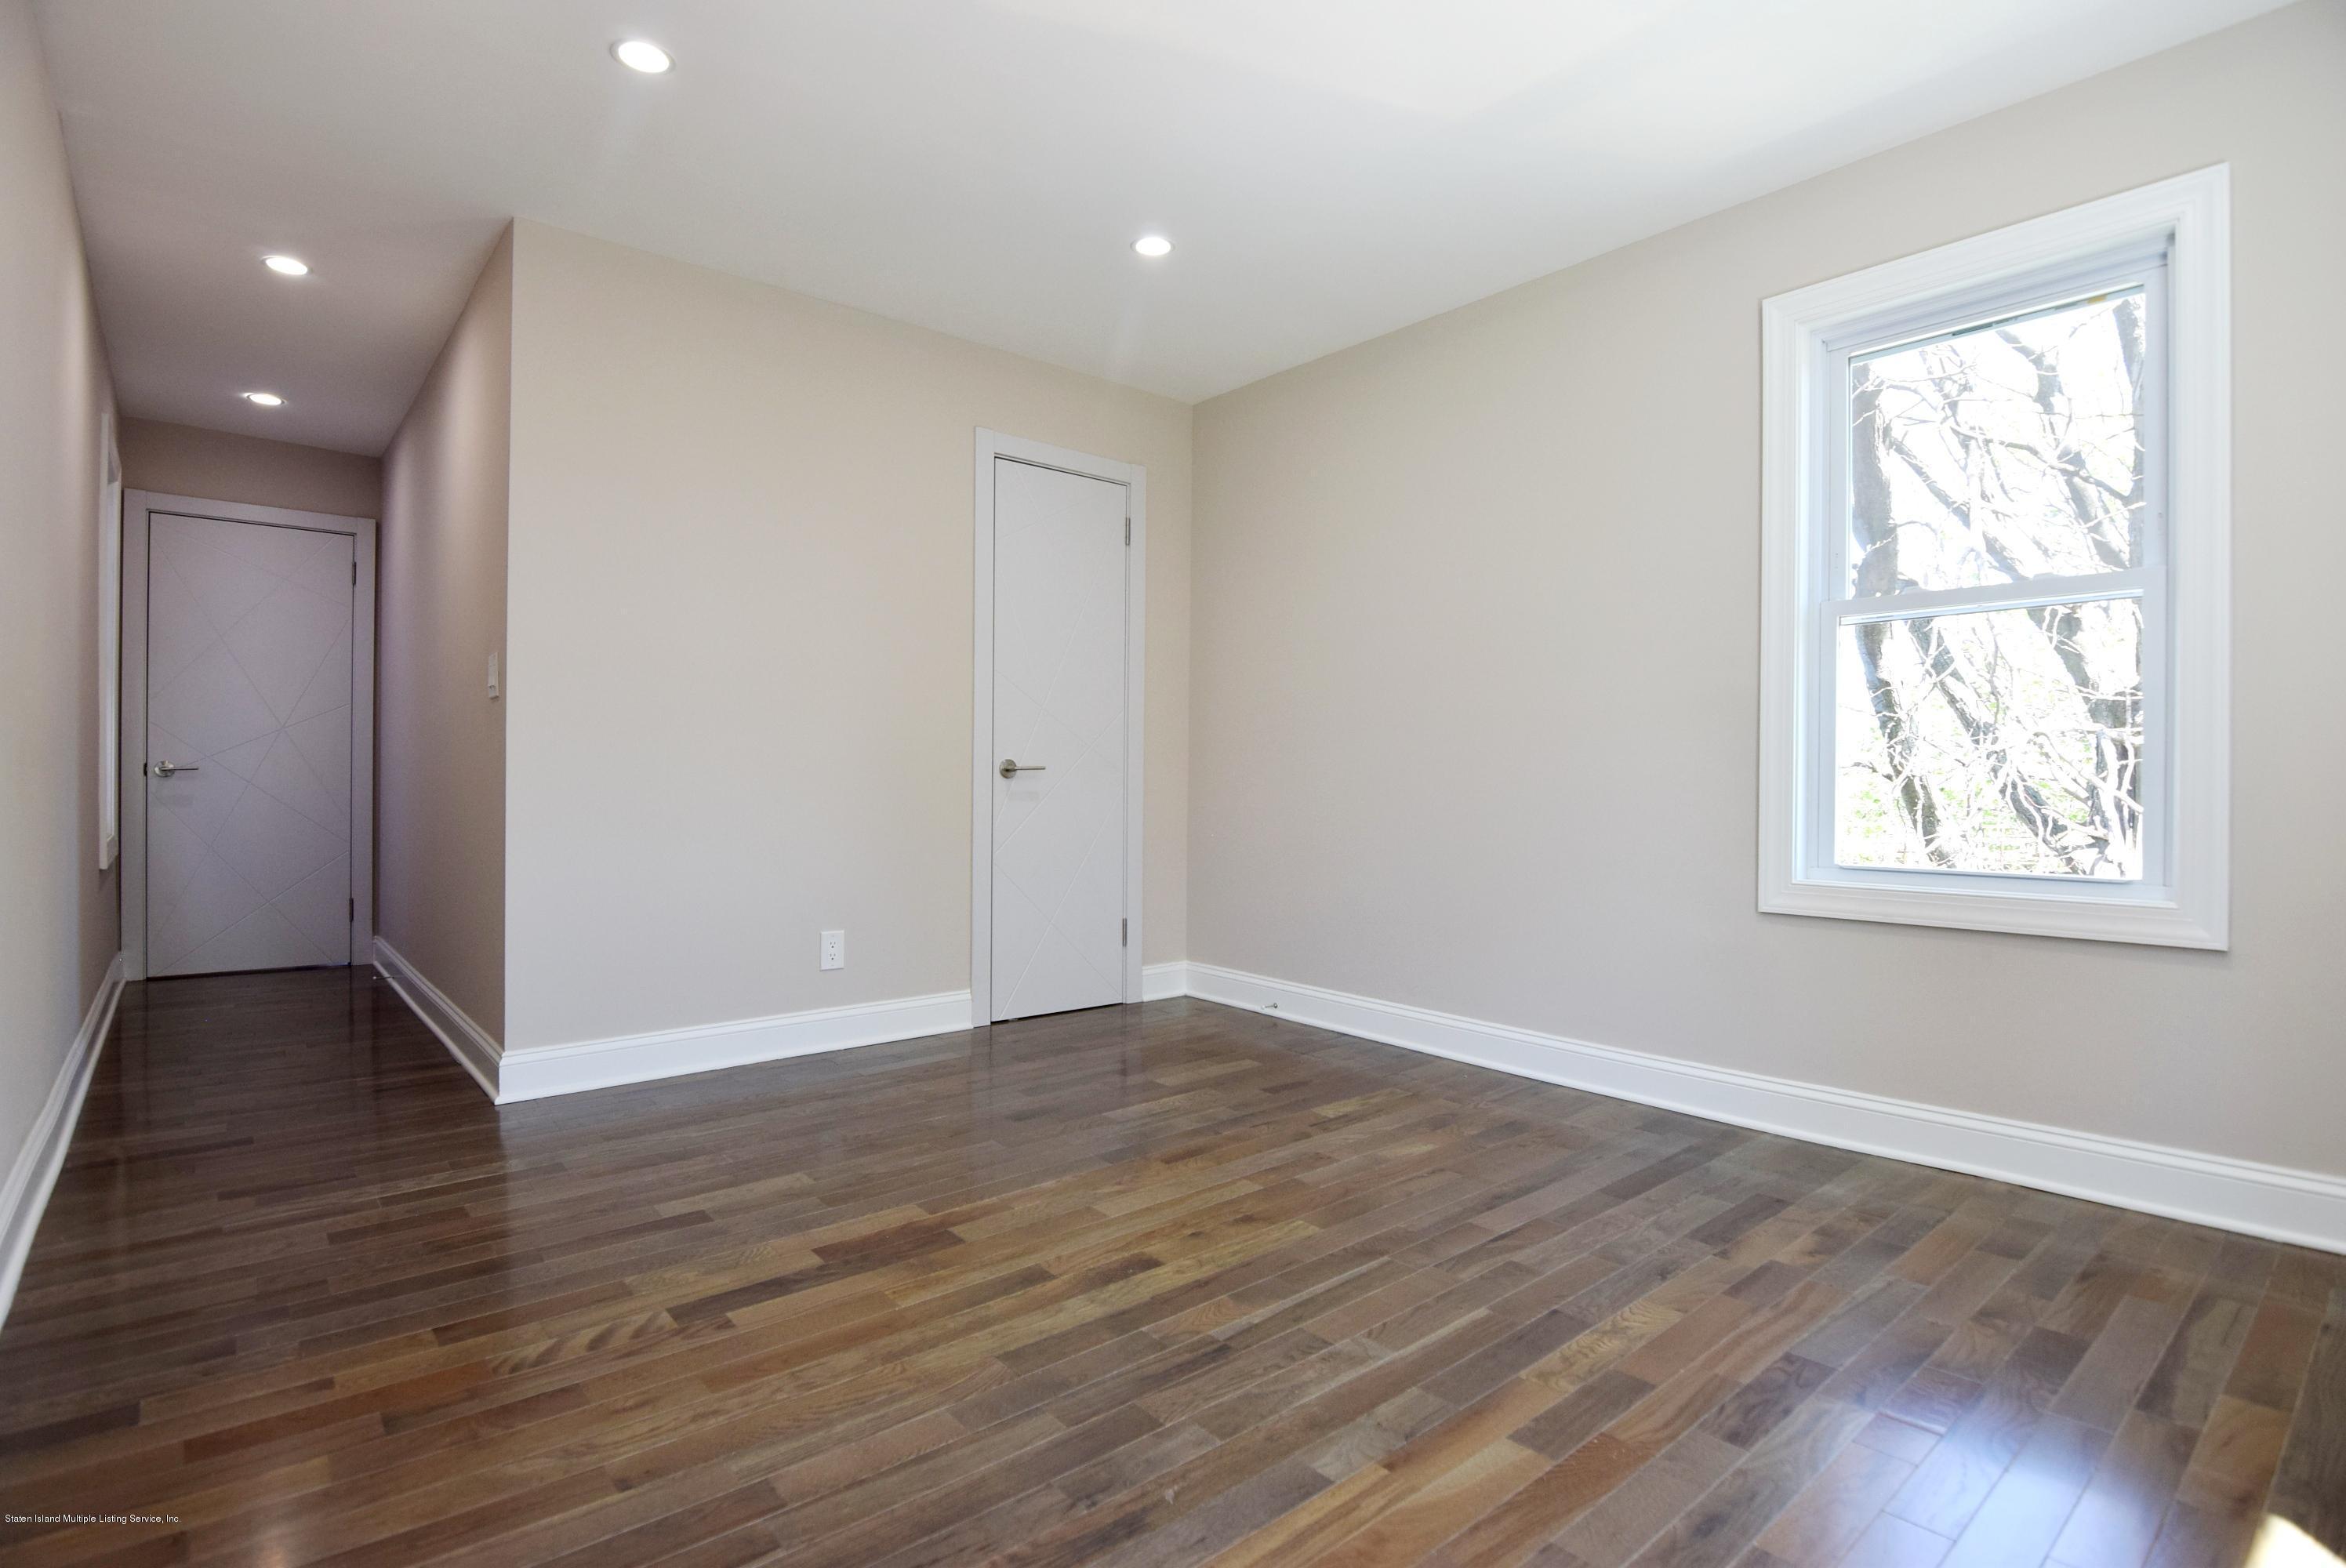 Single Family - Detached 55 Park Avenue  Staten Island, NY 10302, MLS-1128331-23